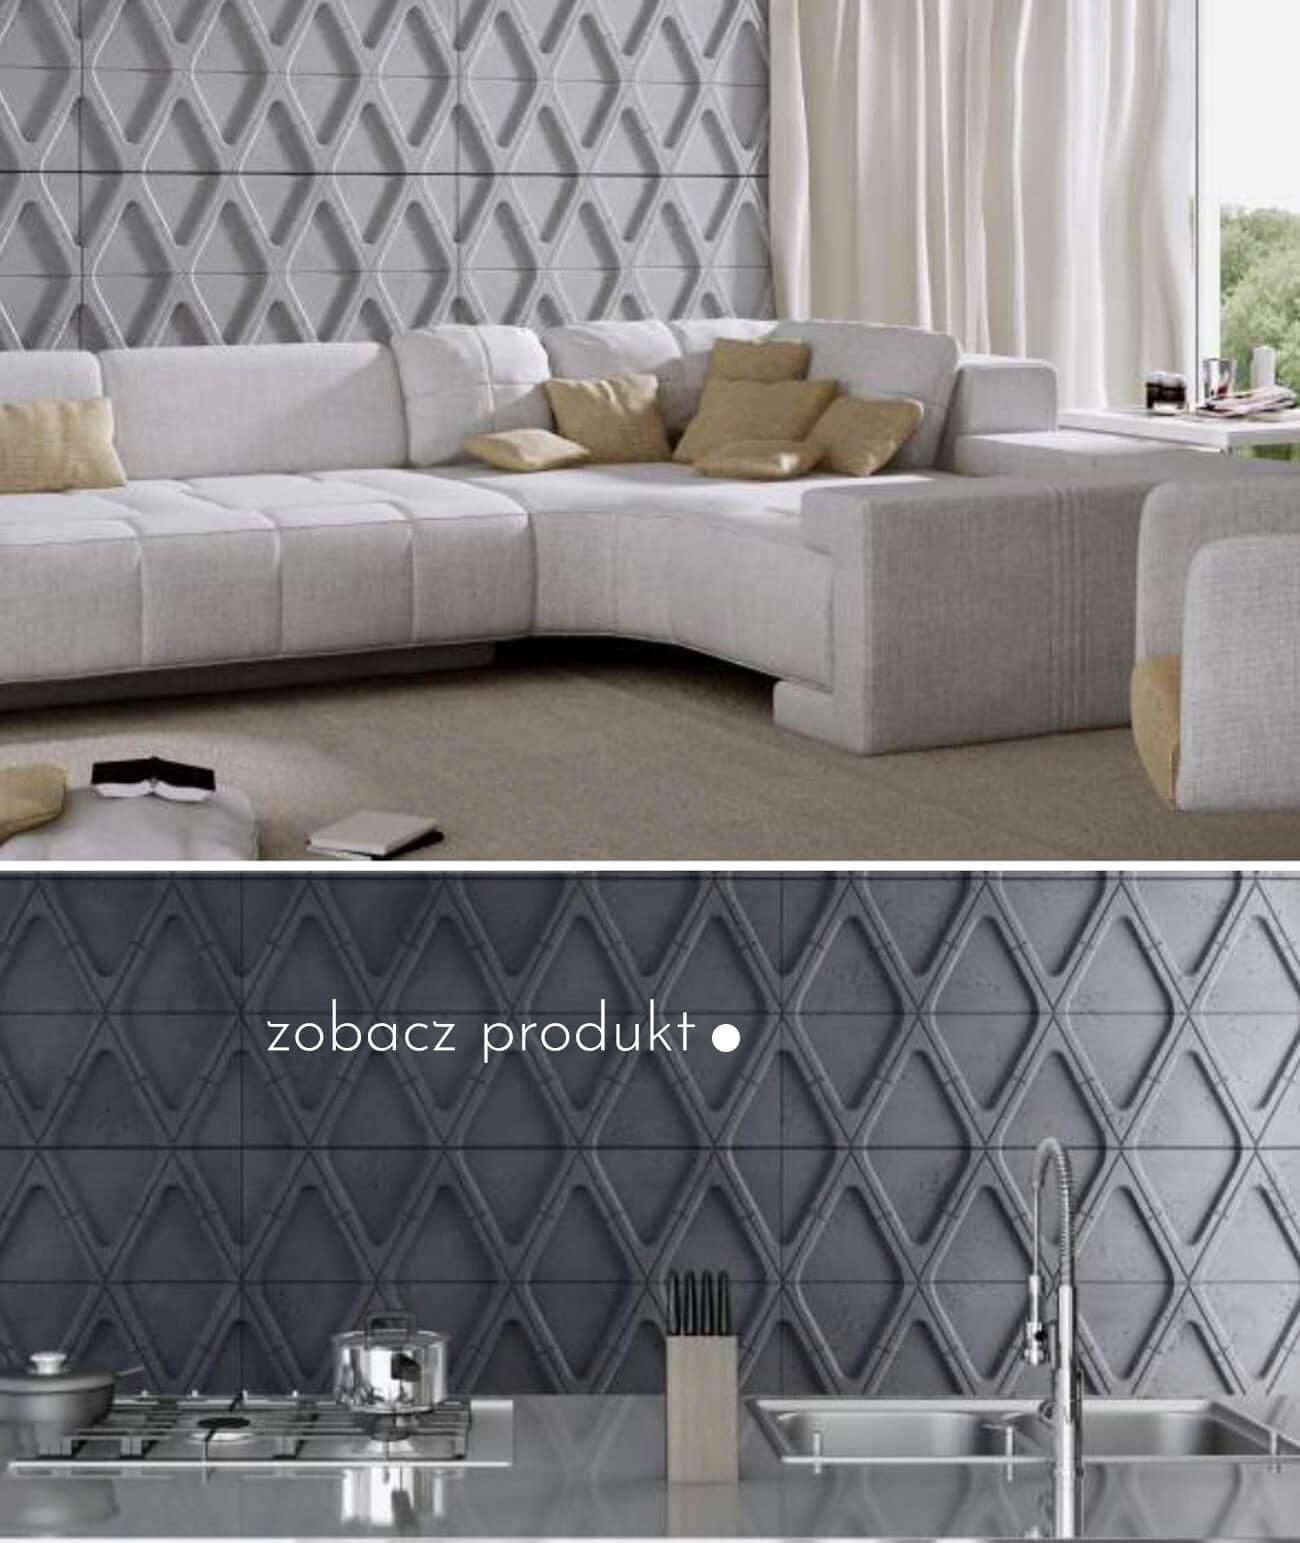 panele-betonowe-3d-scienne-i-elewacyjne-beton-architektoniczny_932-20210-pb31-b8-antracyt-modul-v---panel-dekor-3d-beton-architektoniczny-panel-scienny